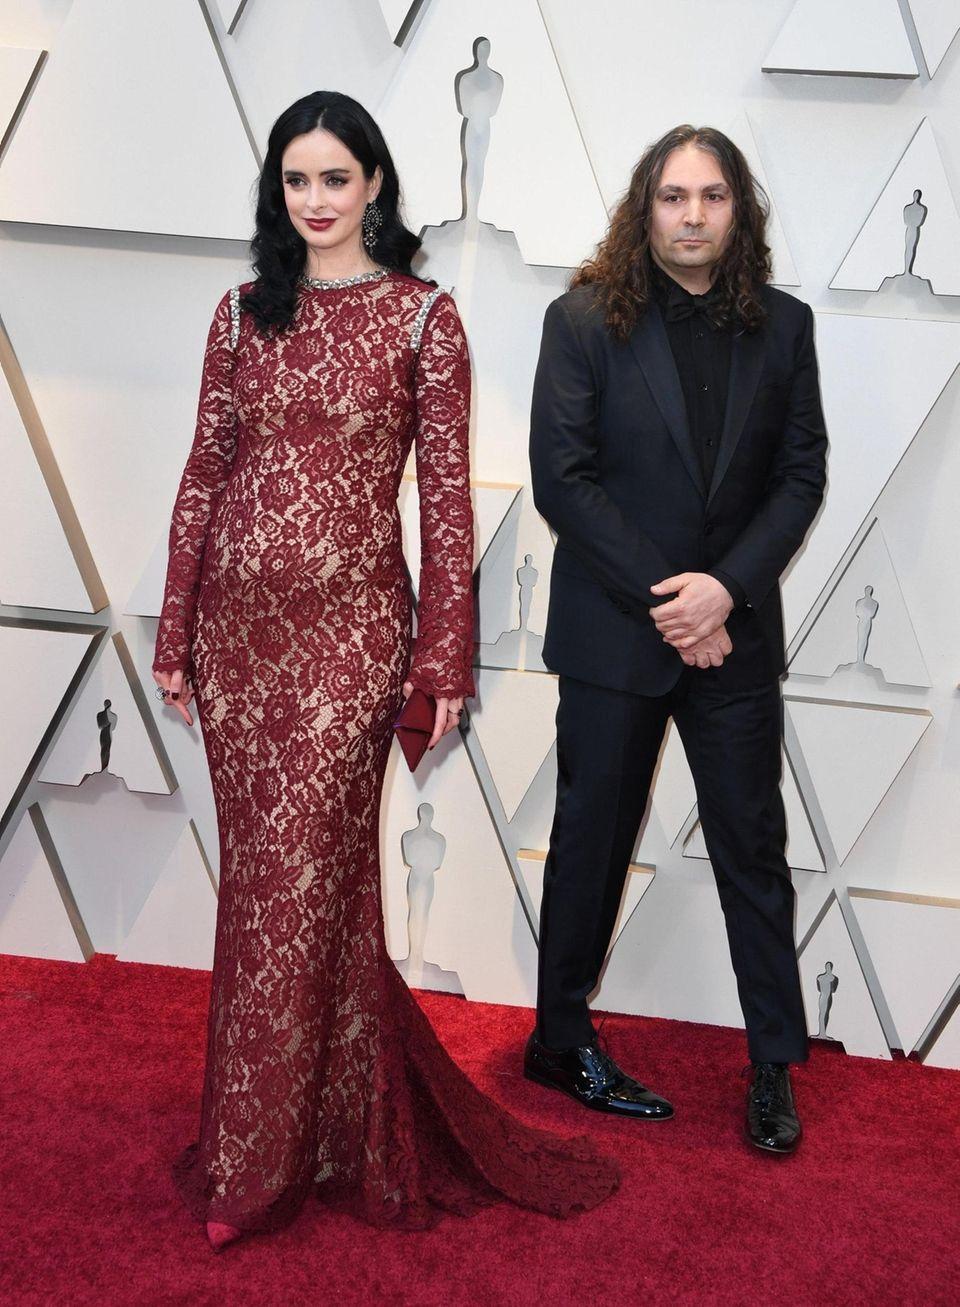 Actress Krysten Ritter (L) and Adam Granduciel arrive